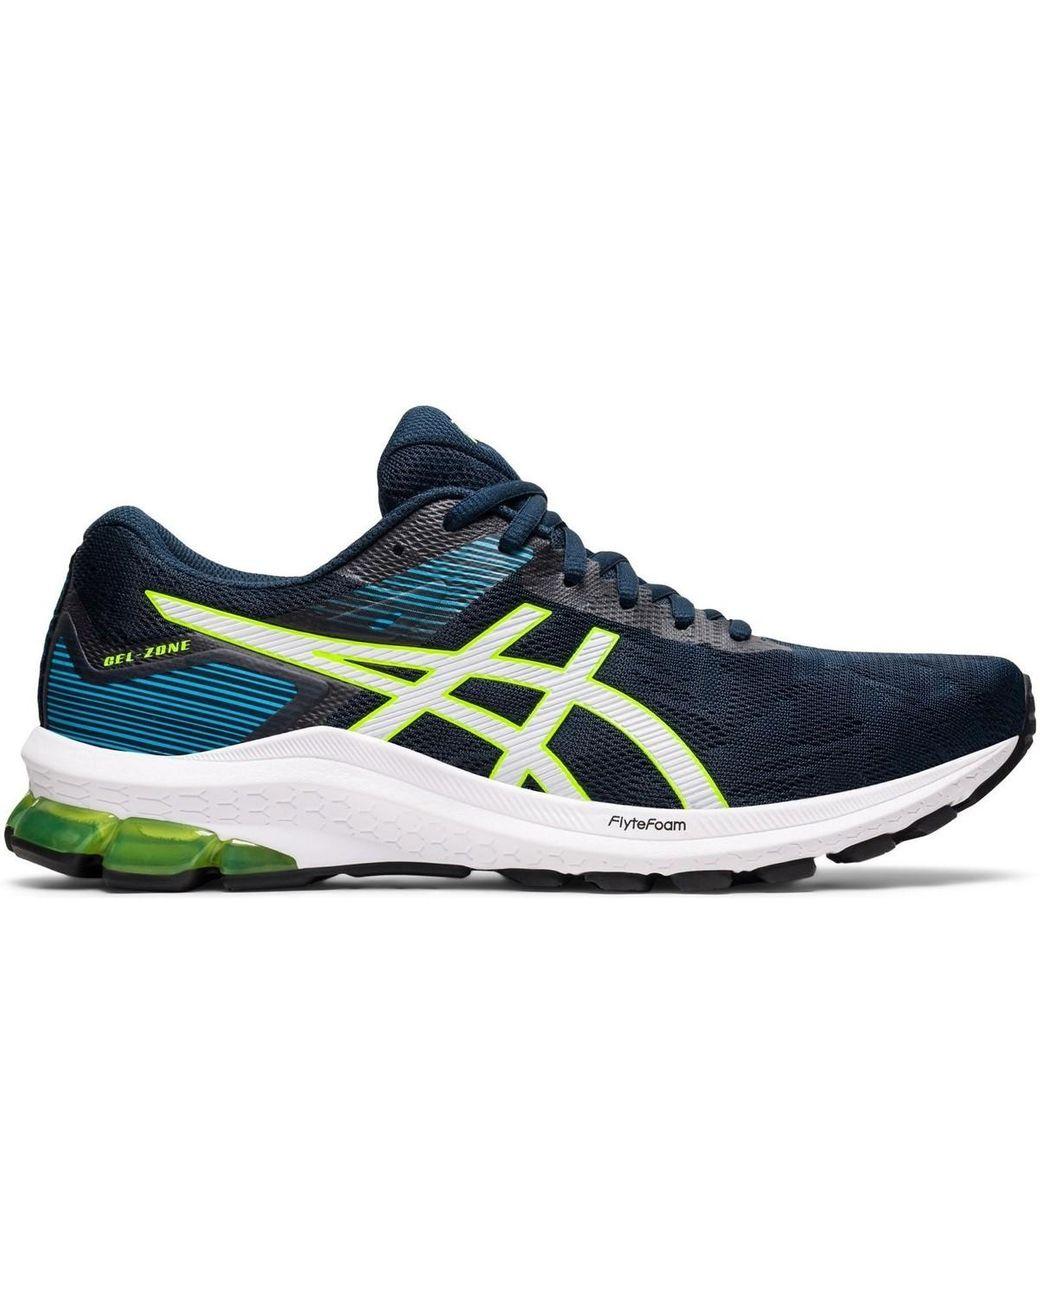 GEL-ZONE 8 1011B202 400 Chaussures Asics pour homme en coloris ...